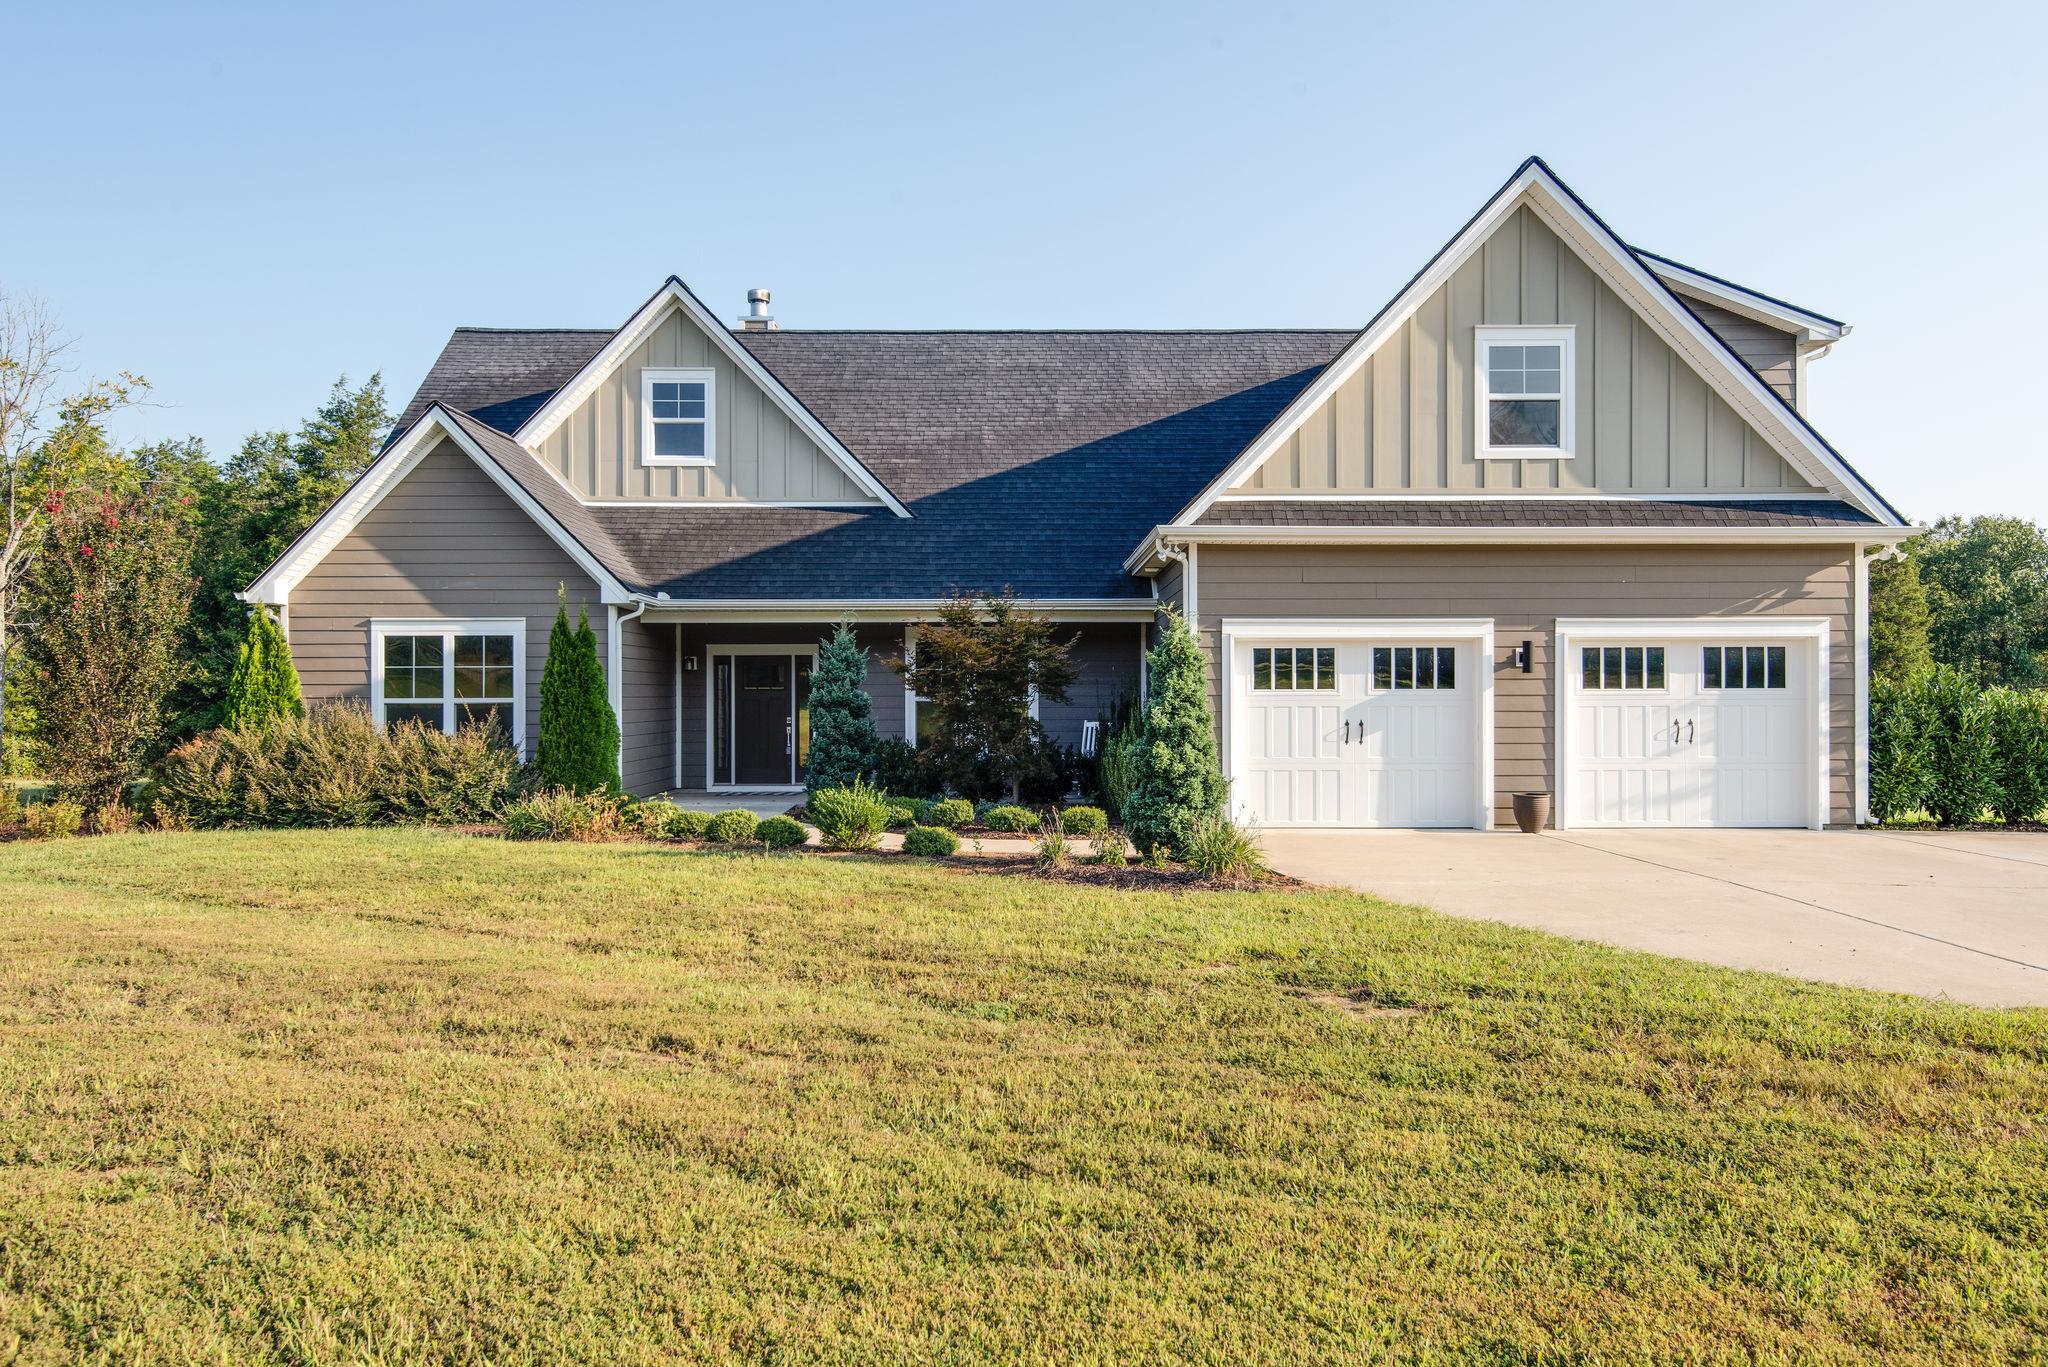 11494 Patterson Road, Rockvale, TN 37153 - Rockvale, TN real estate listing